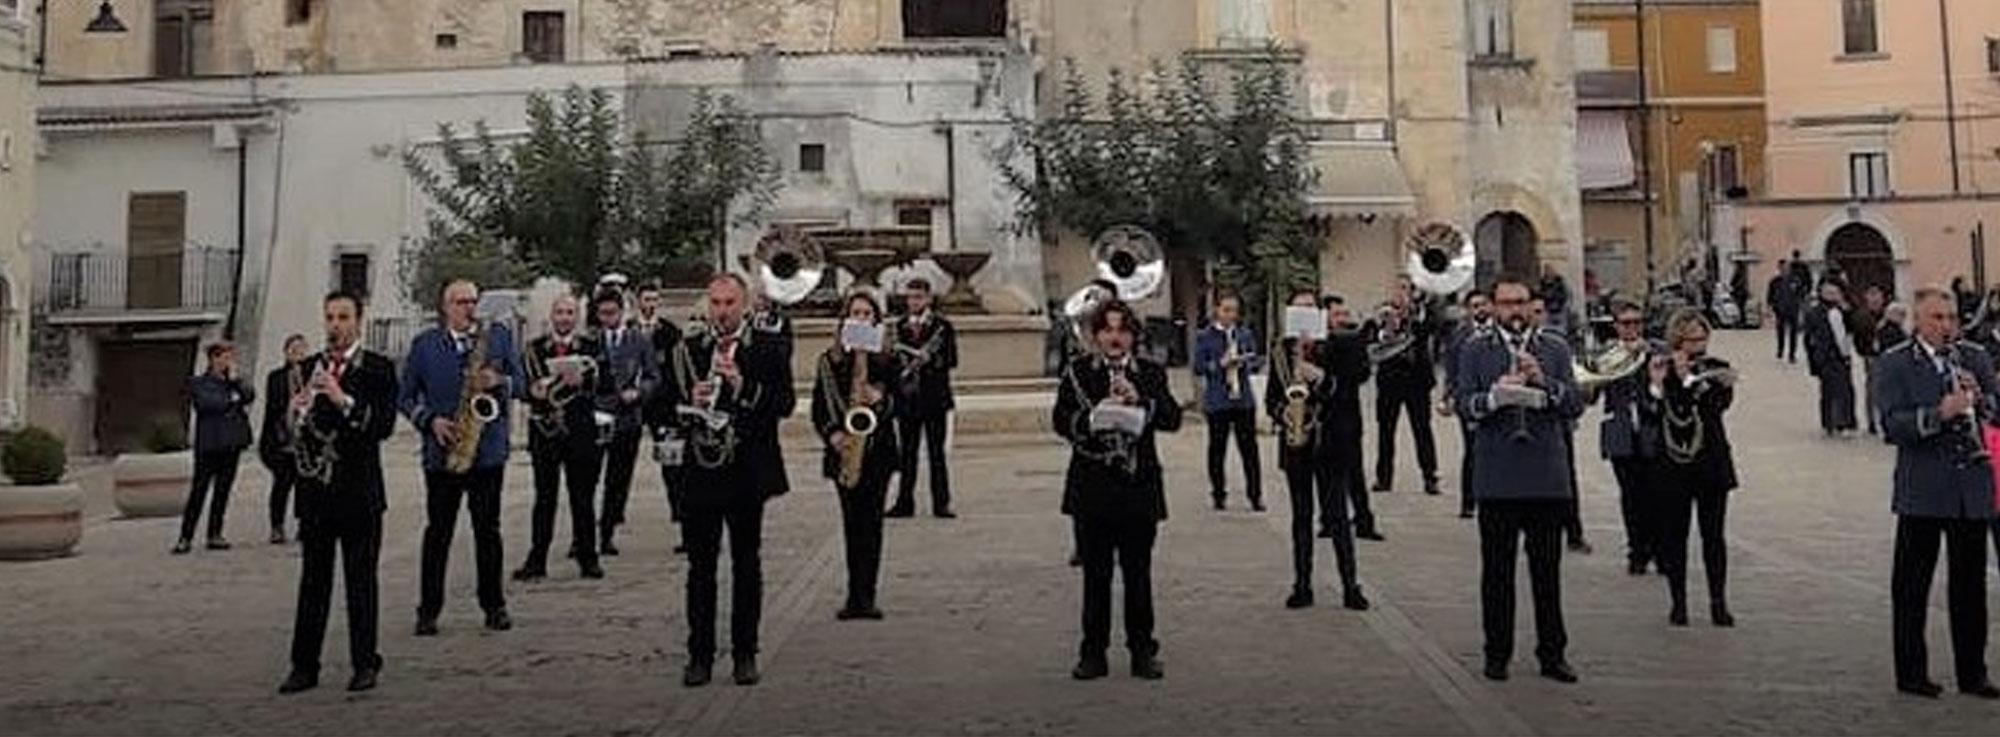 Ischitella: Festa di Santa Cecilia